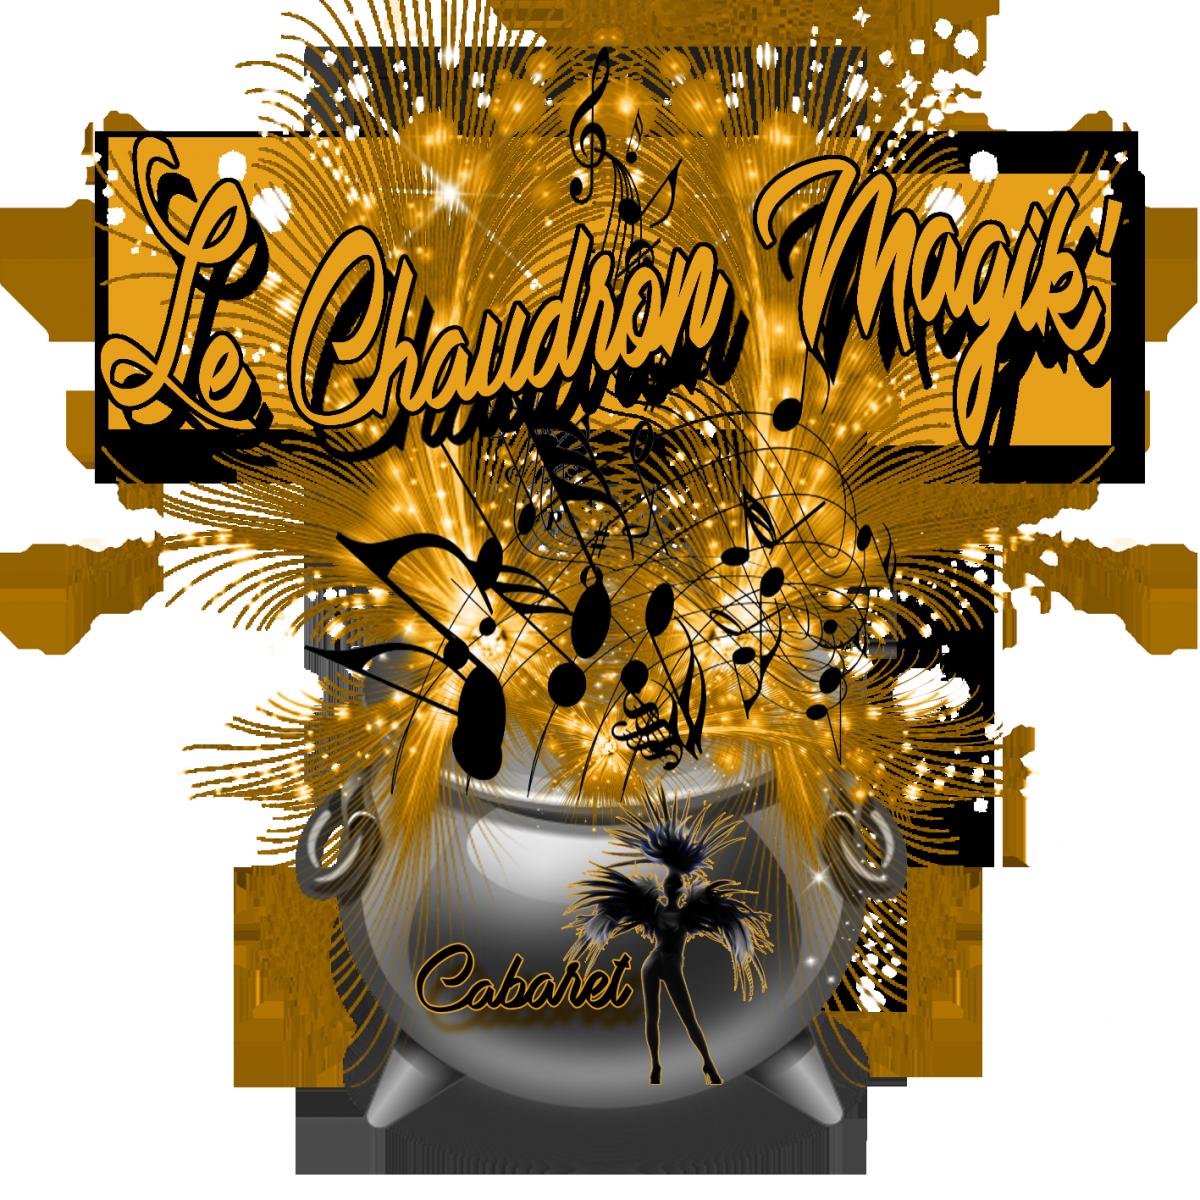 Le Chaudron Magik' -